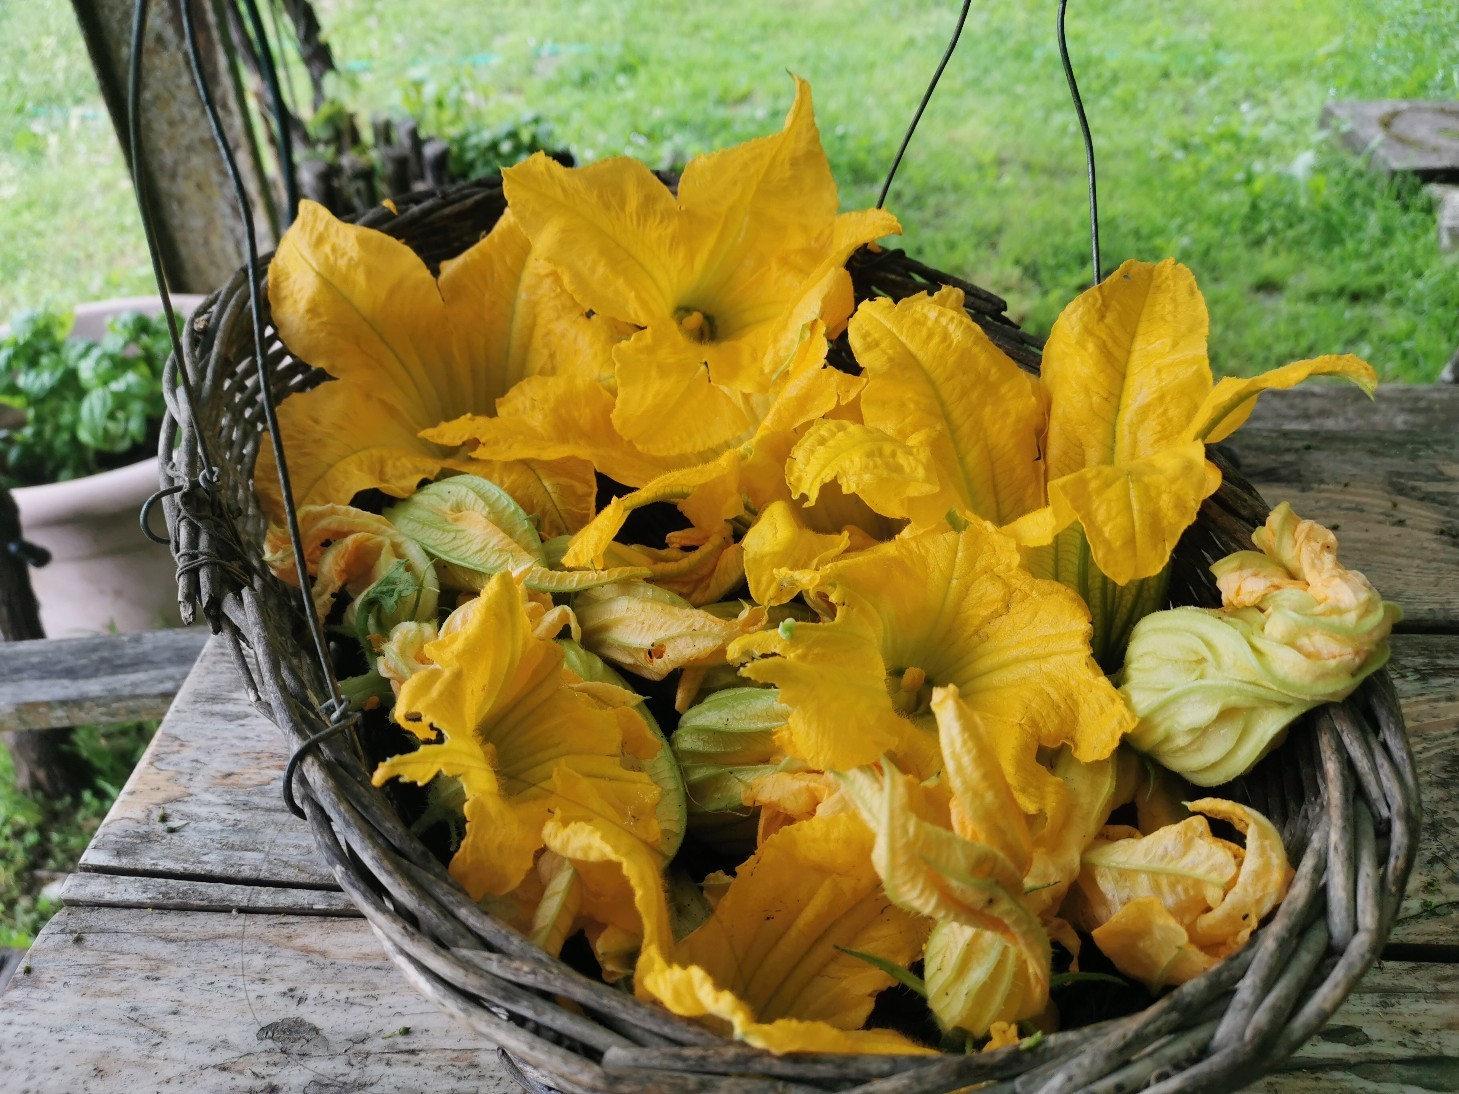 今のイタリアの旬の食べ物は・・・ズッキーニの花のフライ_f0106597_01054771.jpg